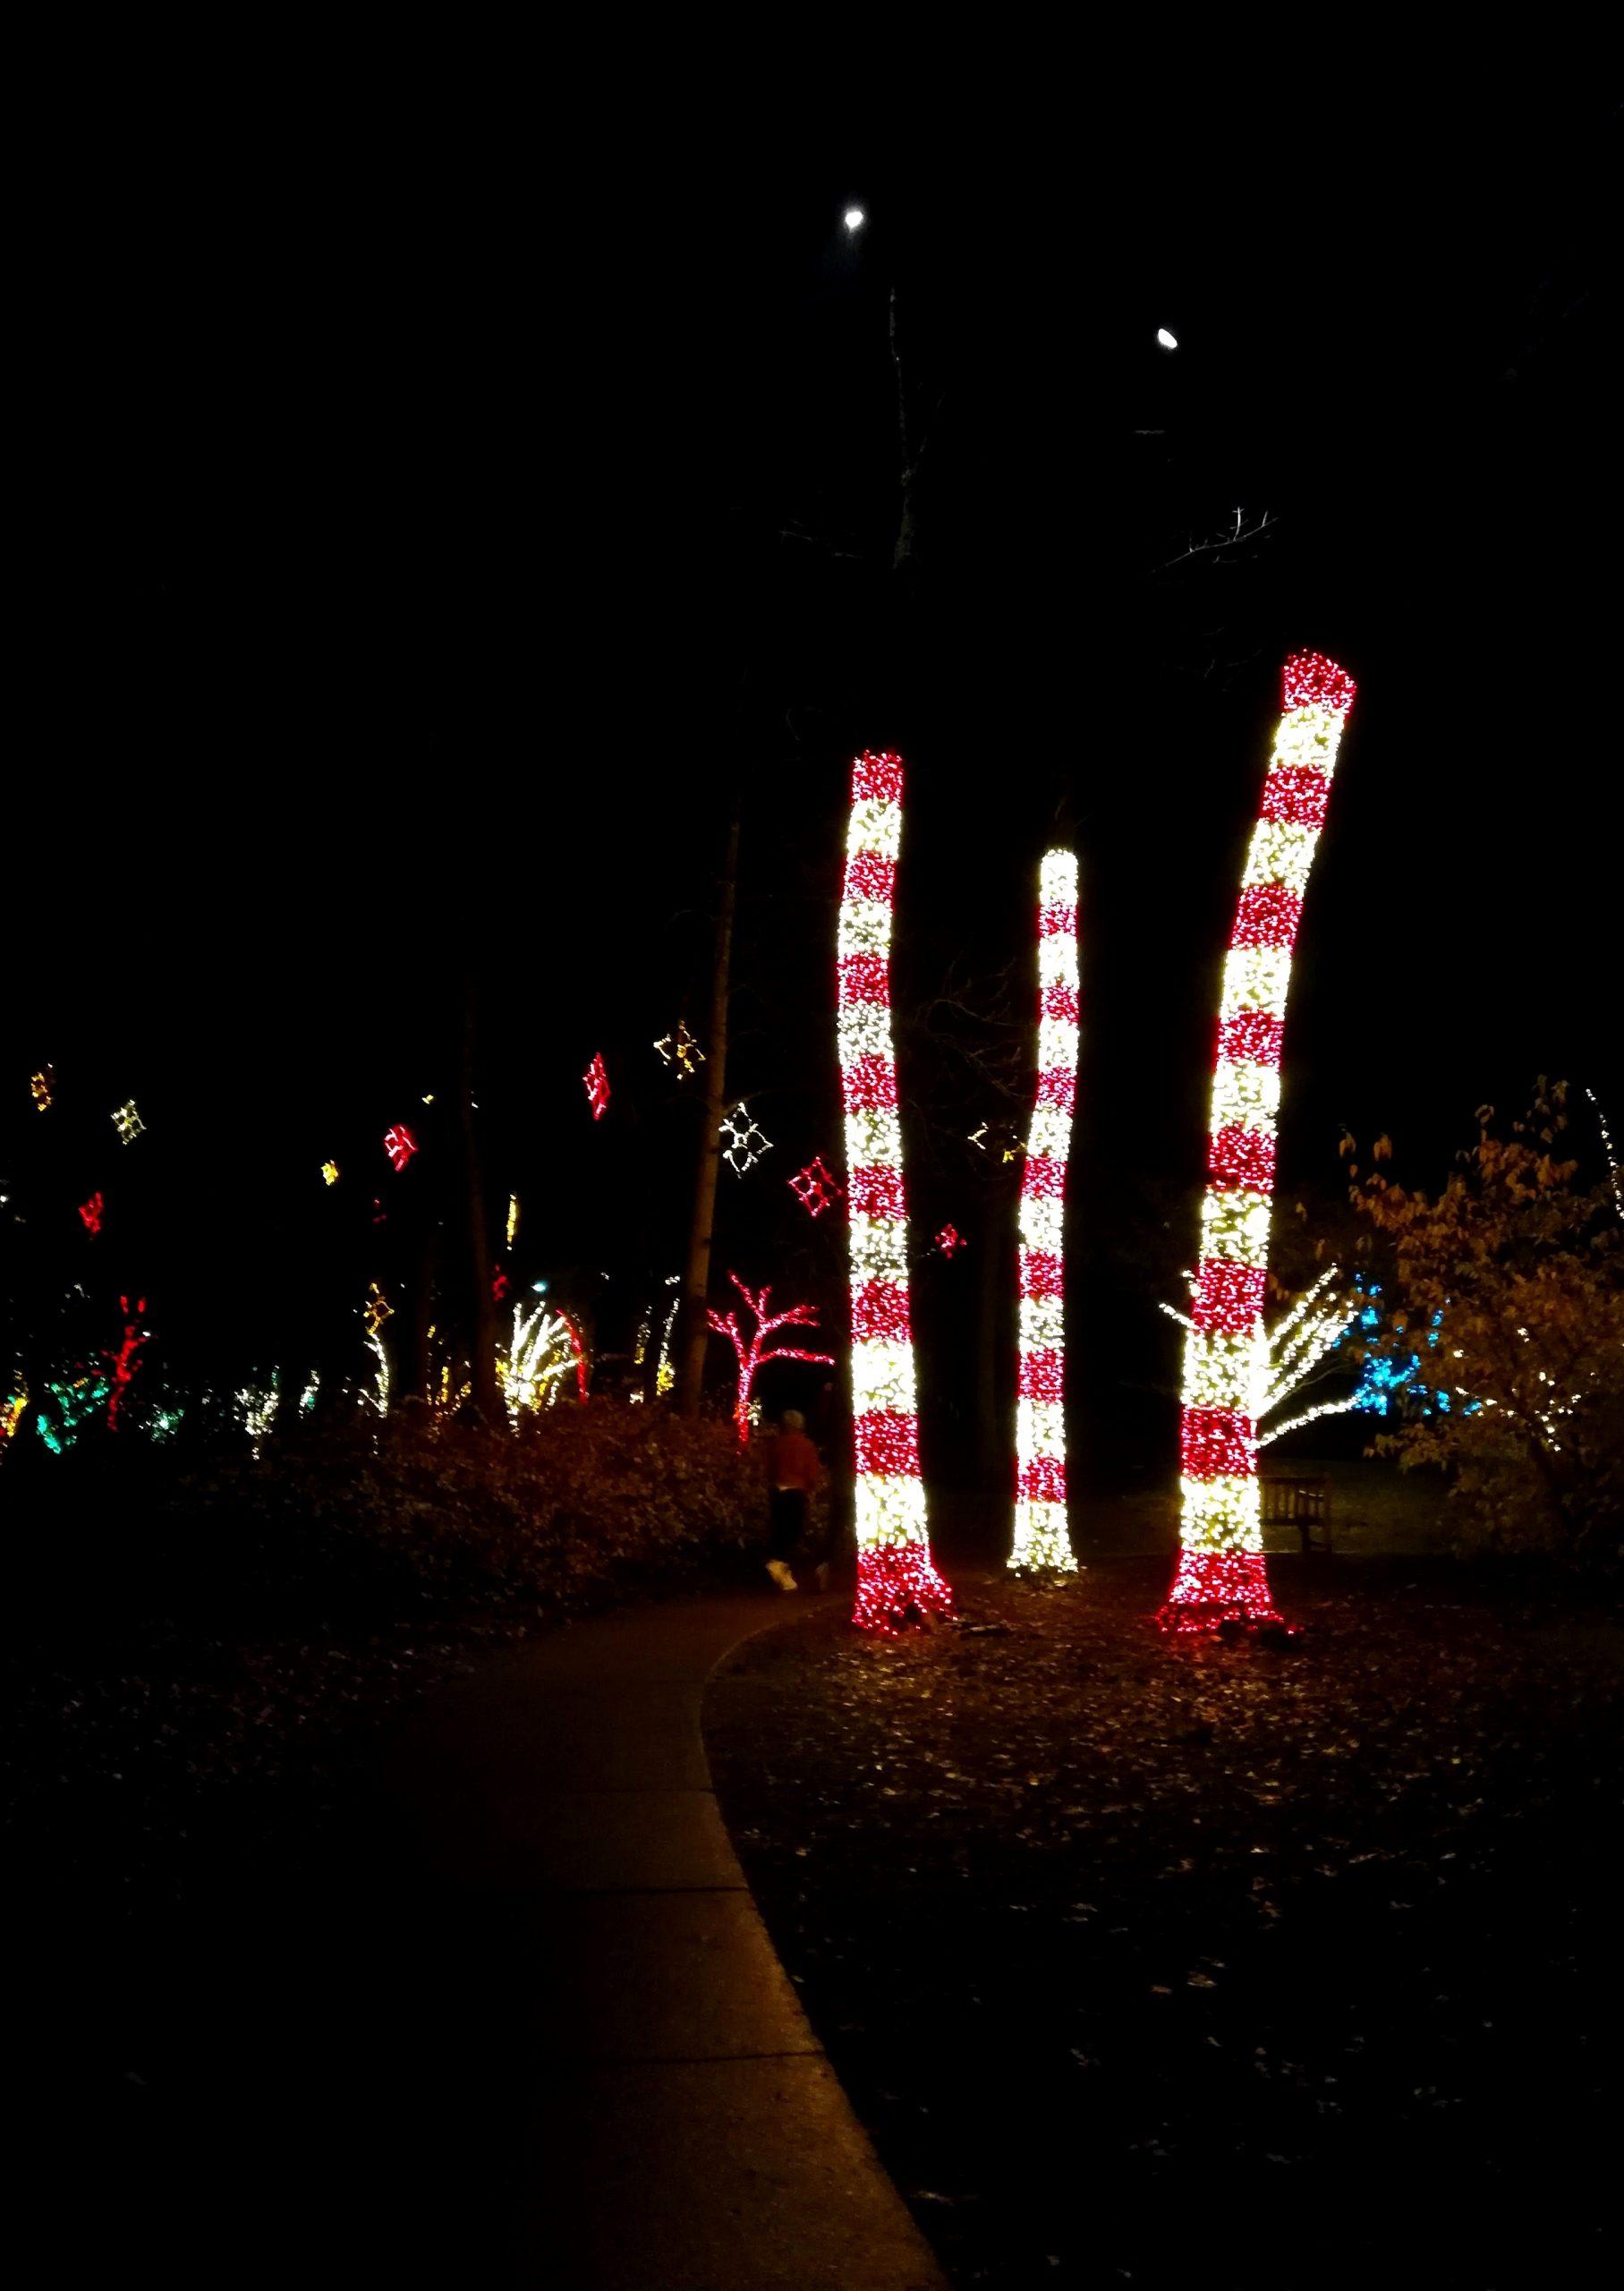 Chihuly Christmas Cheekwood Photos